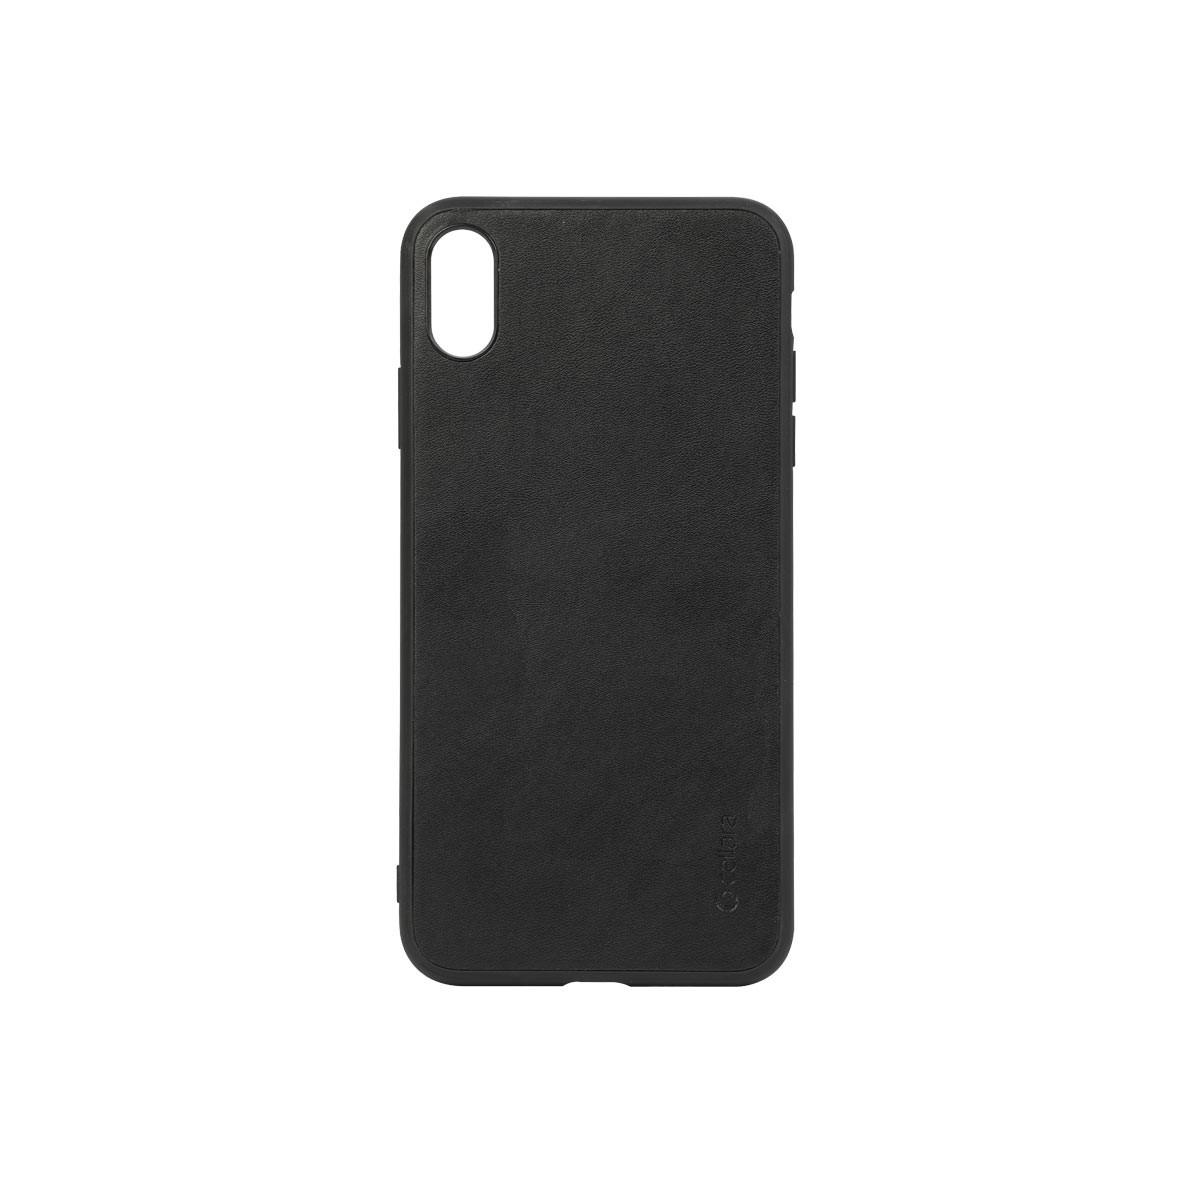 Capac protectie spate cellara colectia signature pentru iphone xs max - negru